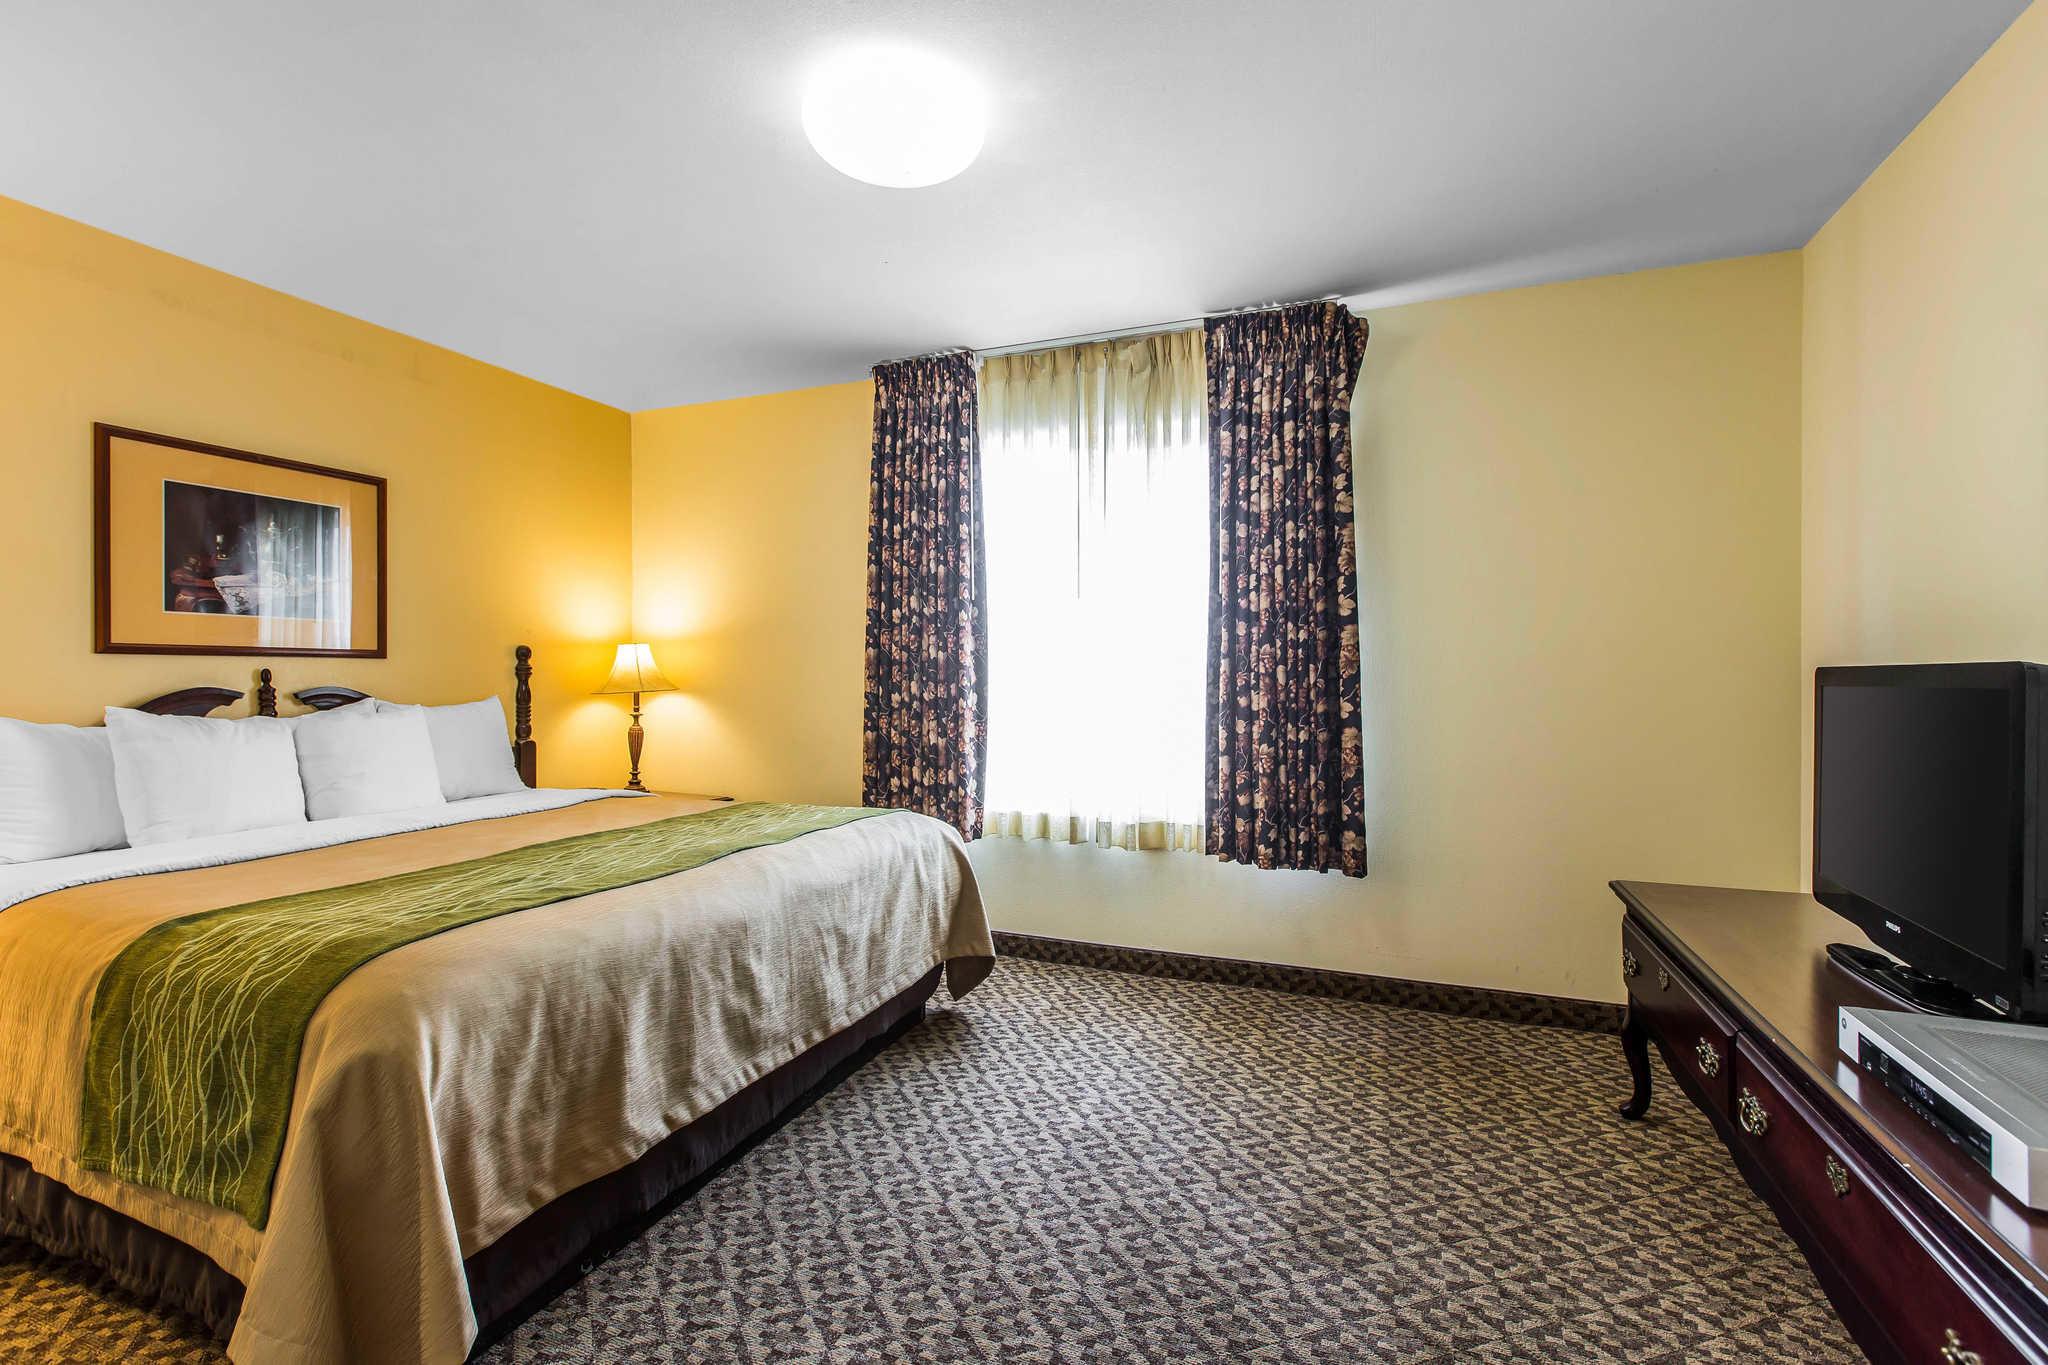 Comfort Inn & Suites El Centro I-8 image 24